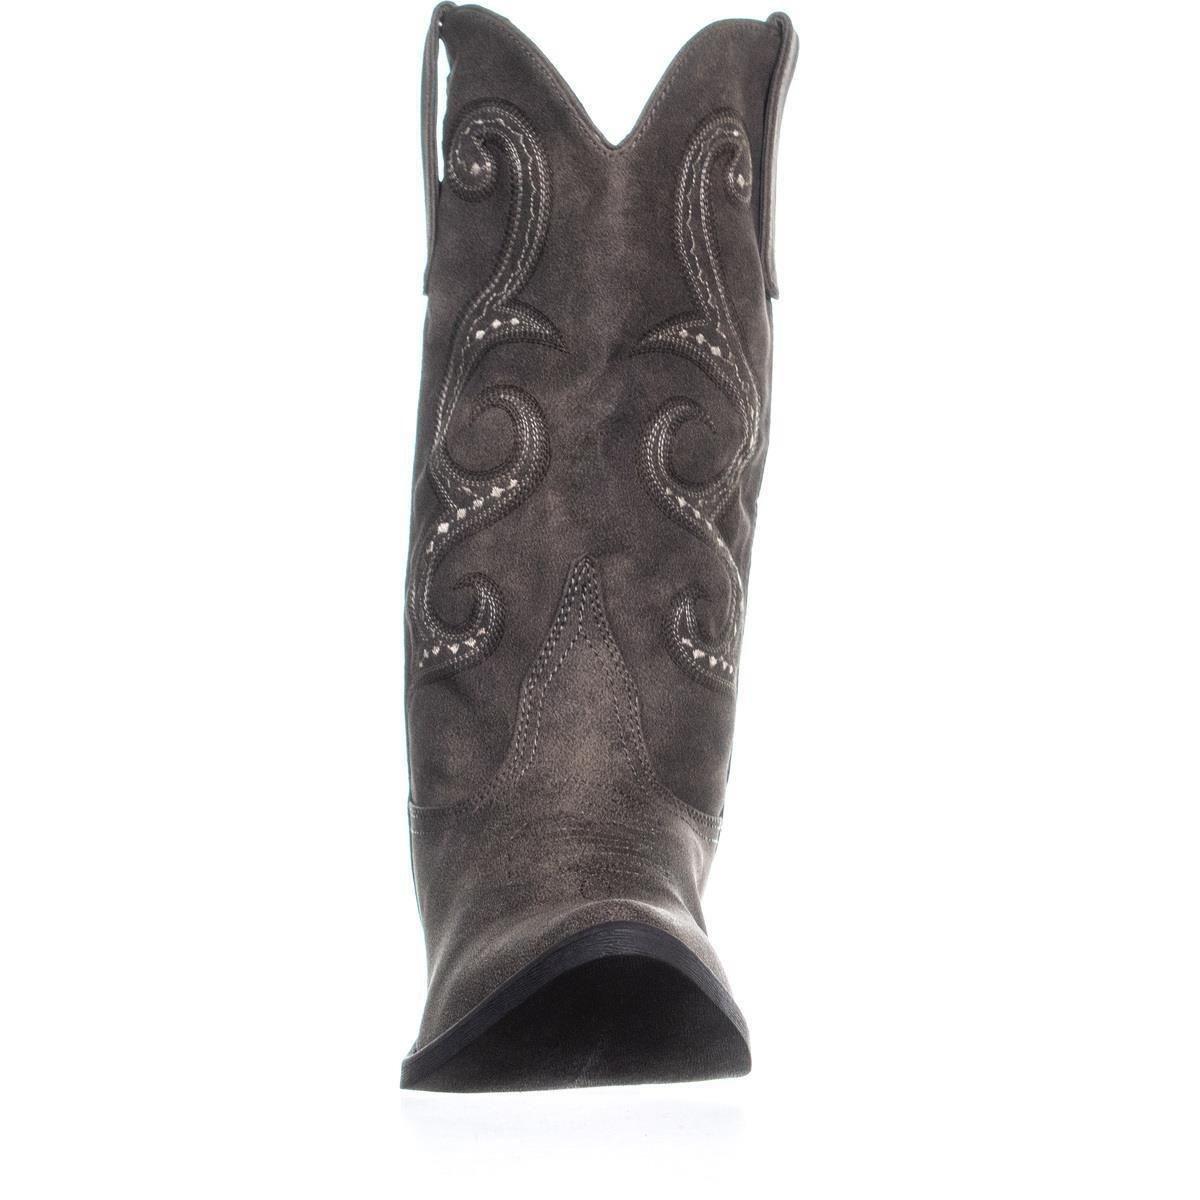 42c5a6f40e1 Lyst - American Rag Ar35 Dawnn Cowgirl Western Boots, Gray in Gray